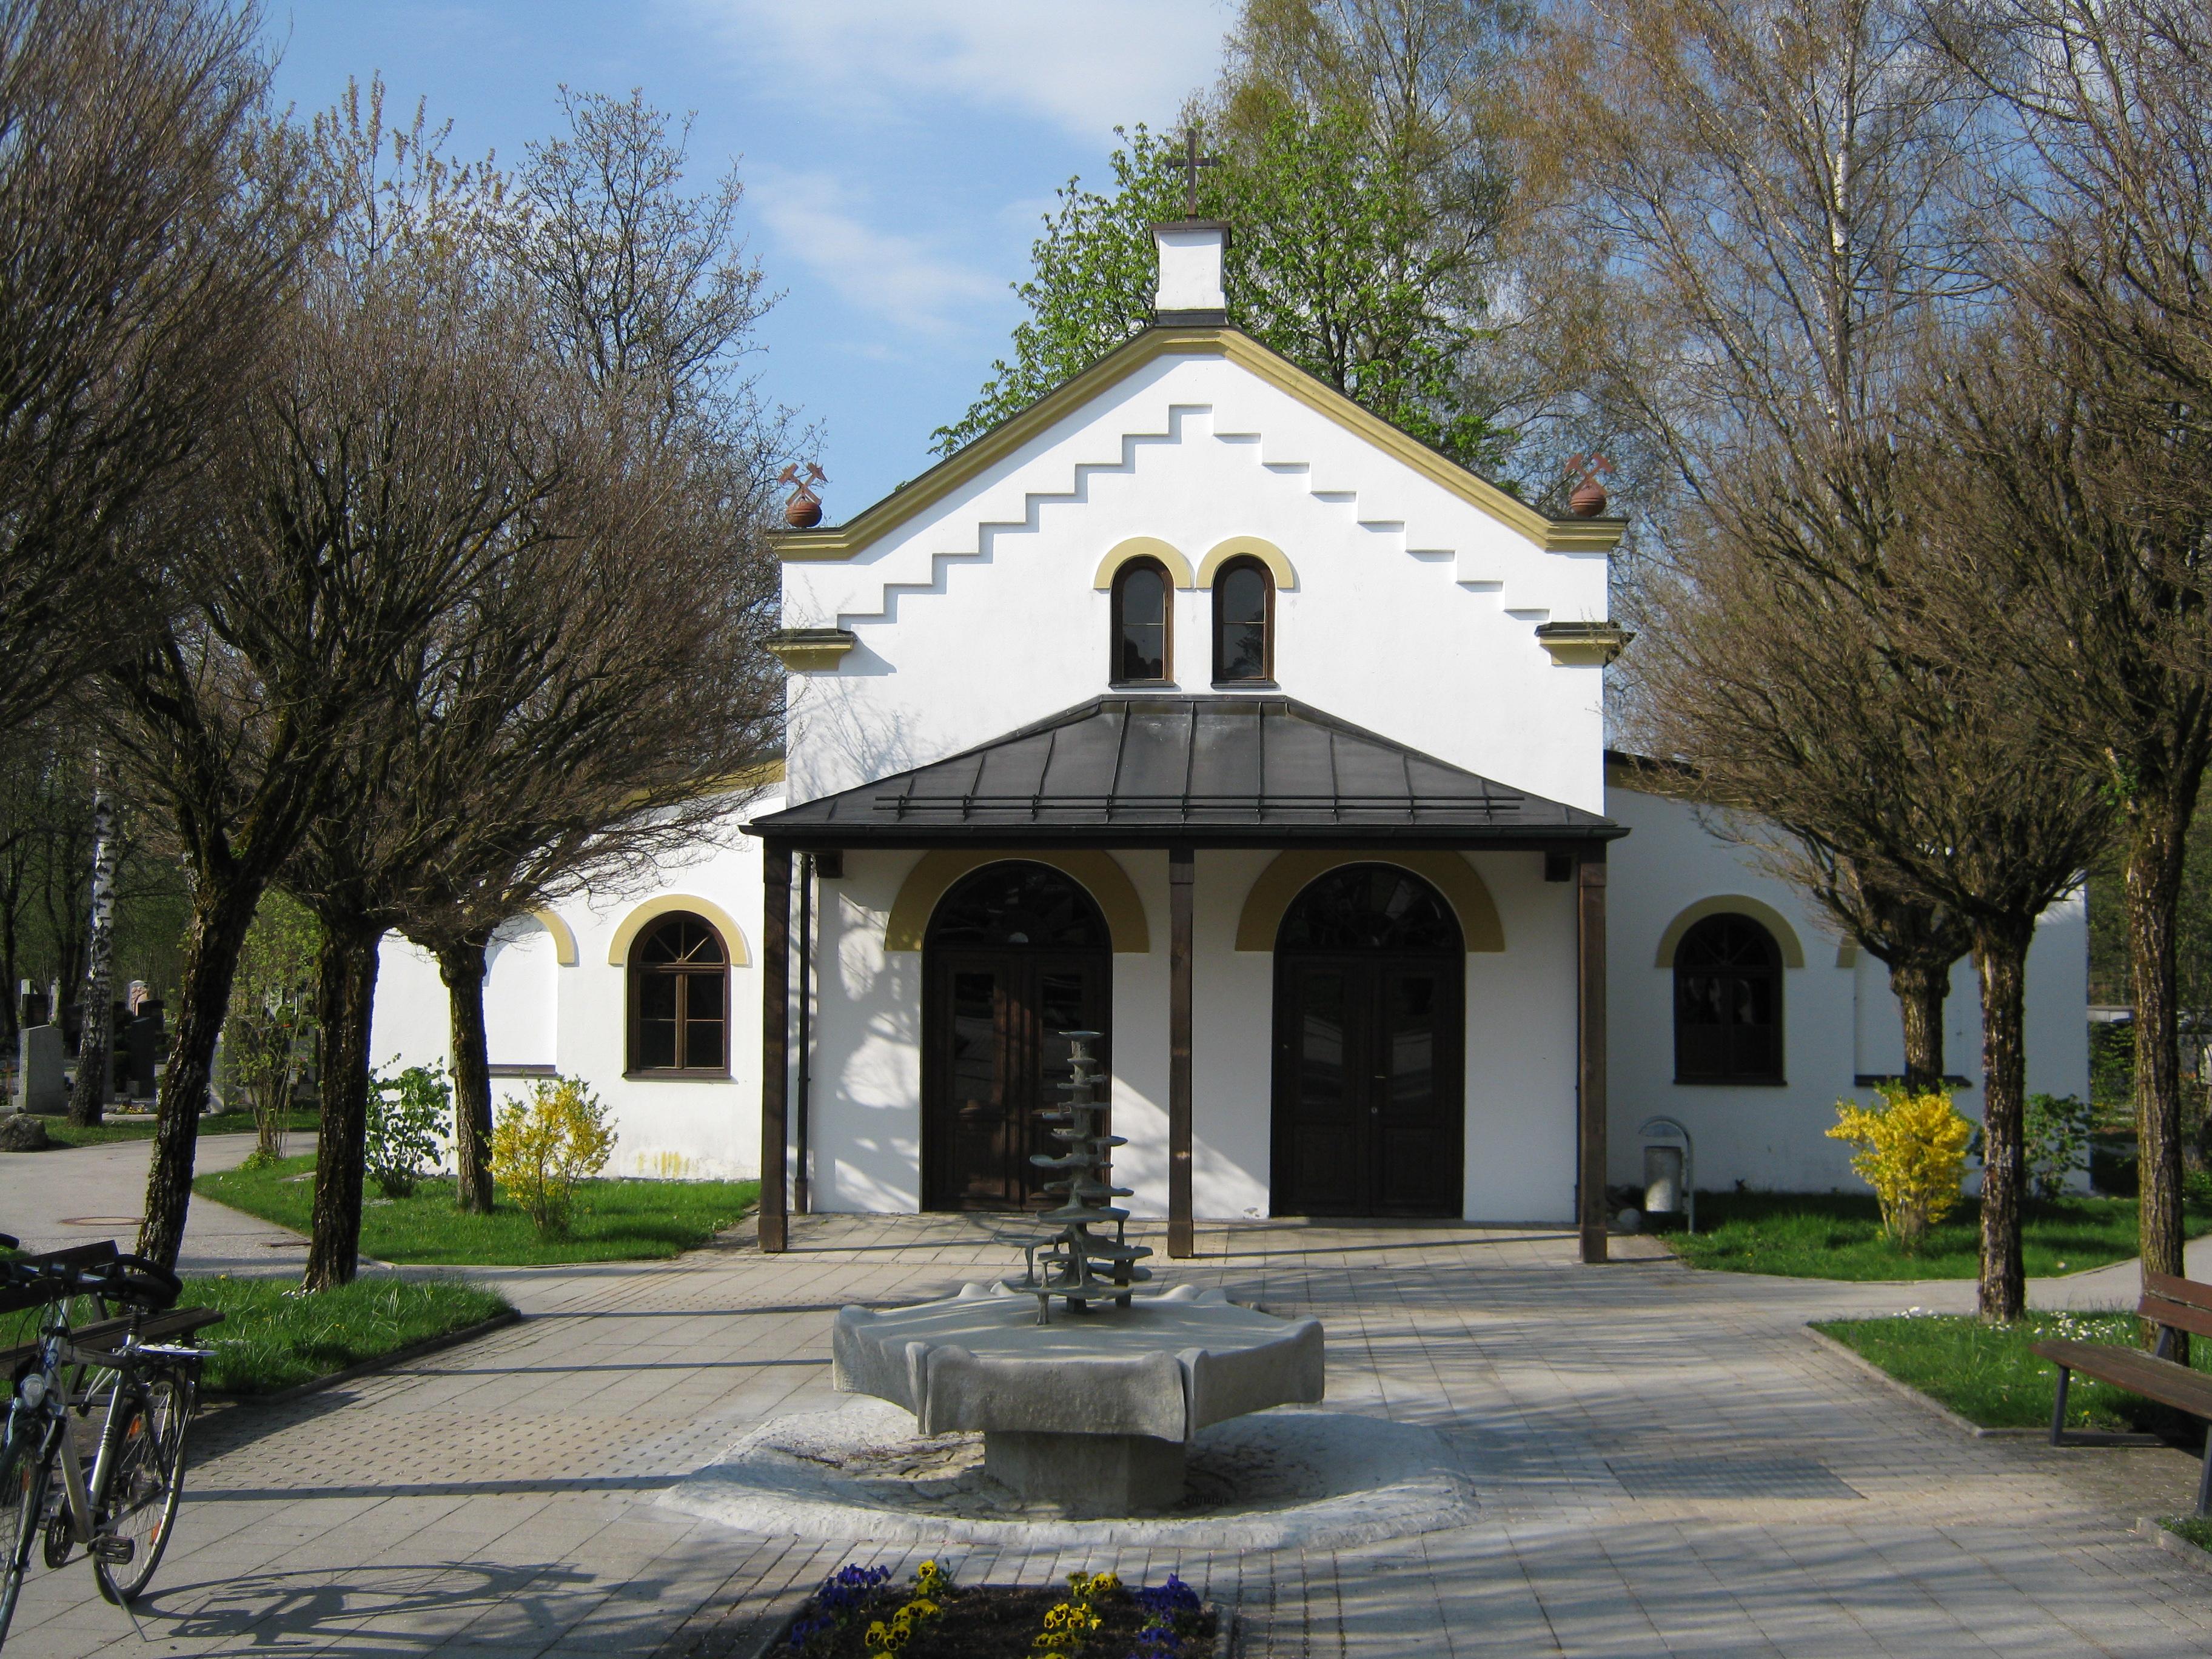 Description penzberg denkmalgeschützte gebäude urnenhalle friedhof